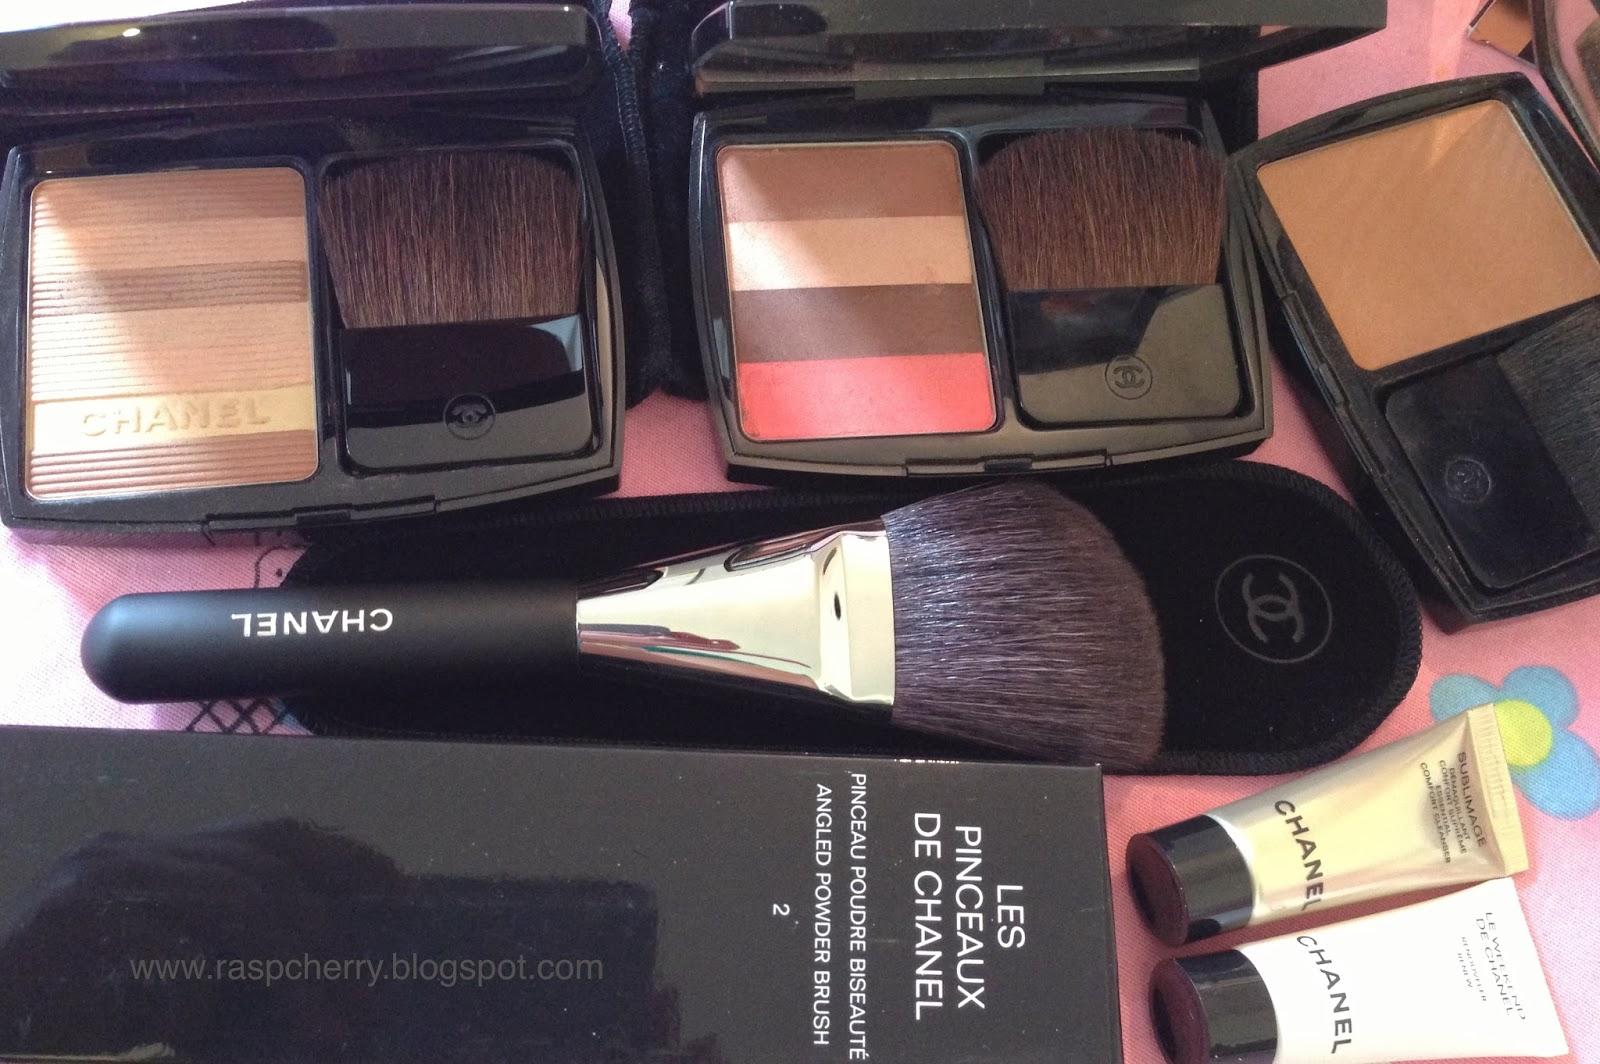 d0786b8583 A beauty blog from Raspcherry.....: New in:- Les pinceau de Chanel ...